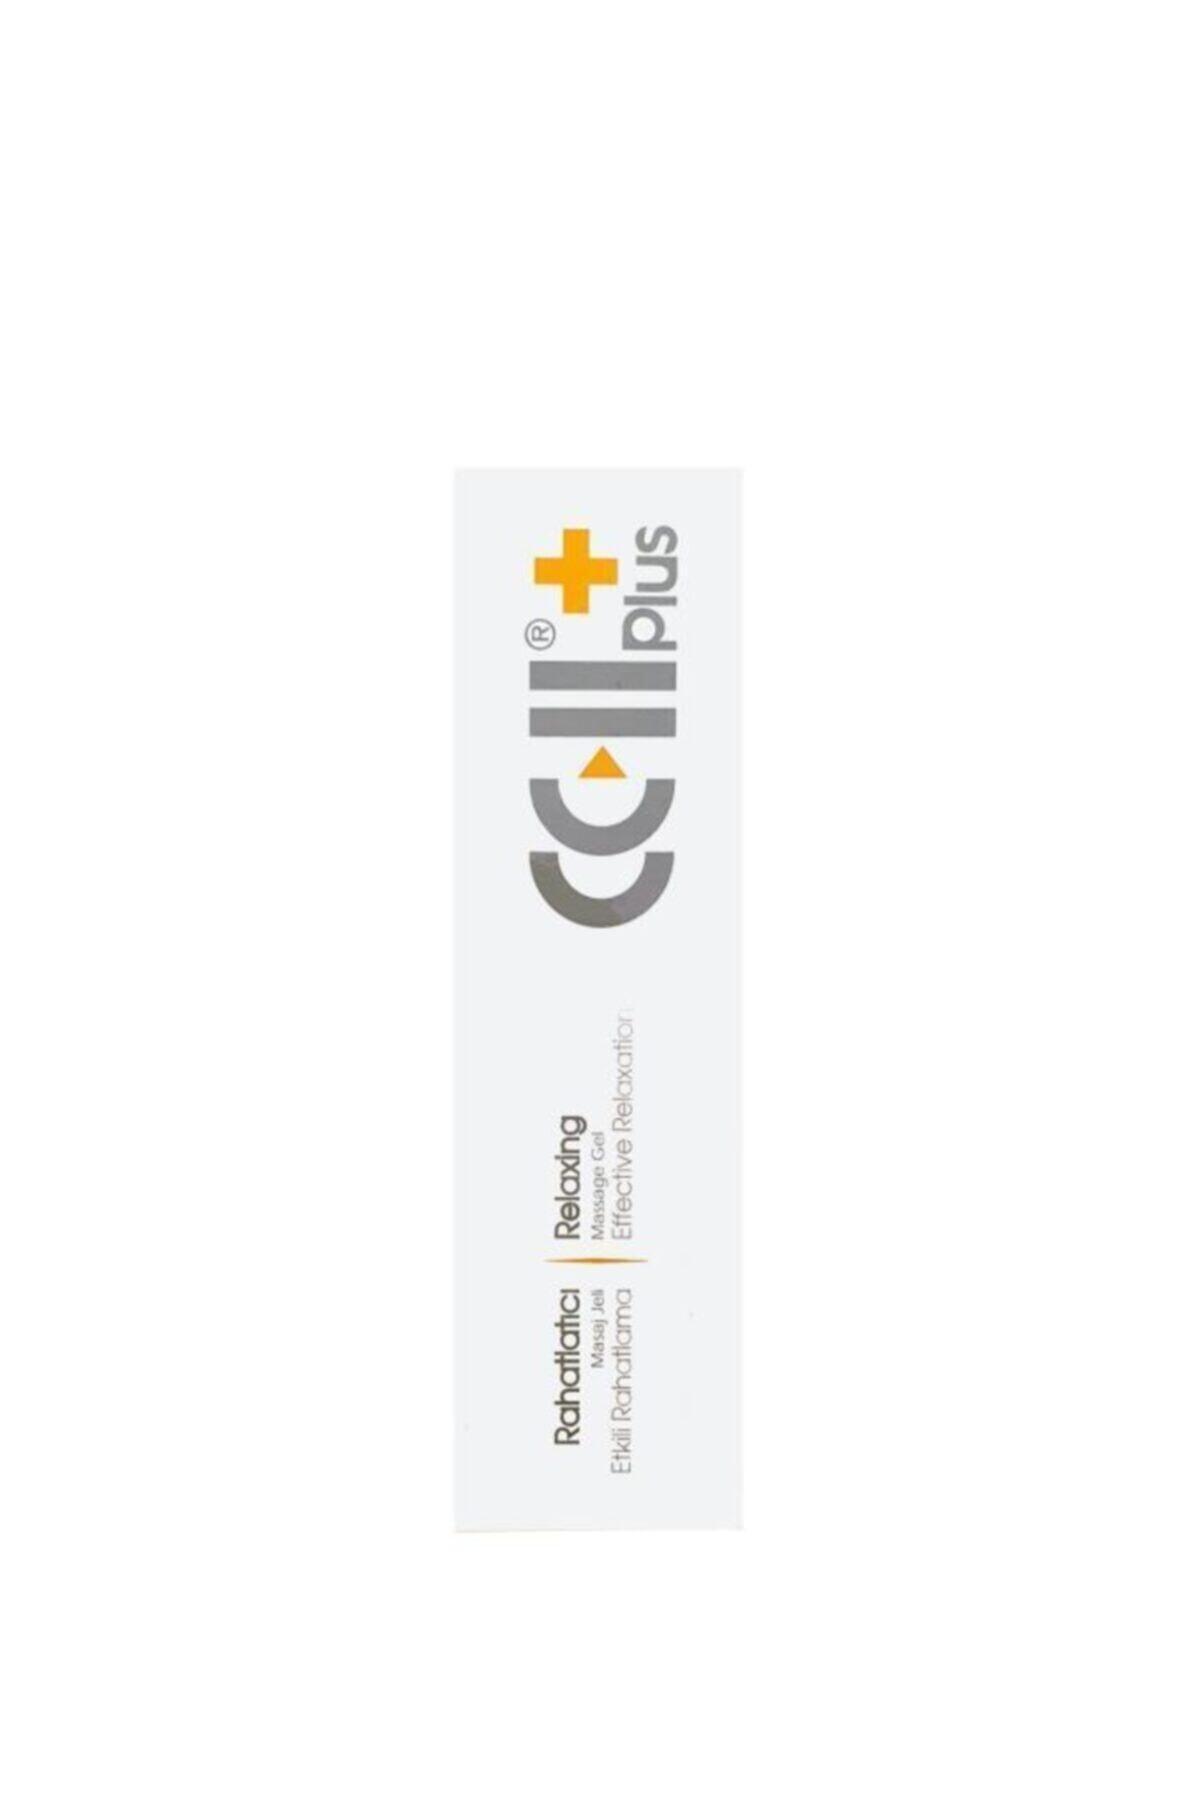 CC-II Rahatlatıcı Plus Masaj Jeli 100 Ml 1